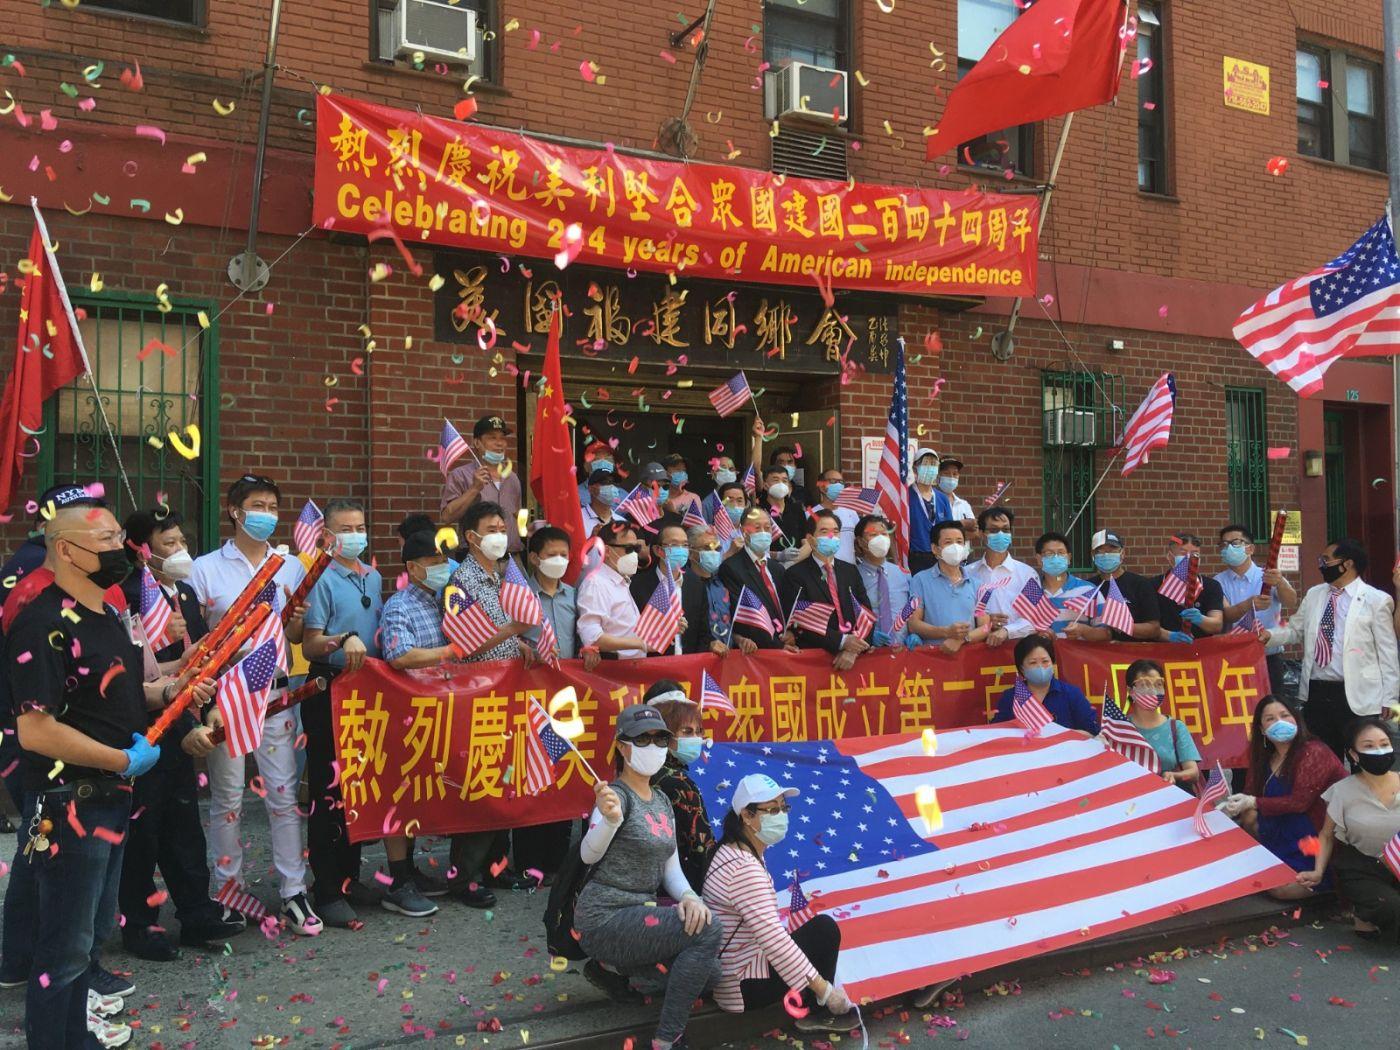 美国福建同乡会举行庆祝美利坚合众国建国244周年活动_图1-1